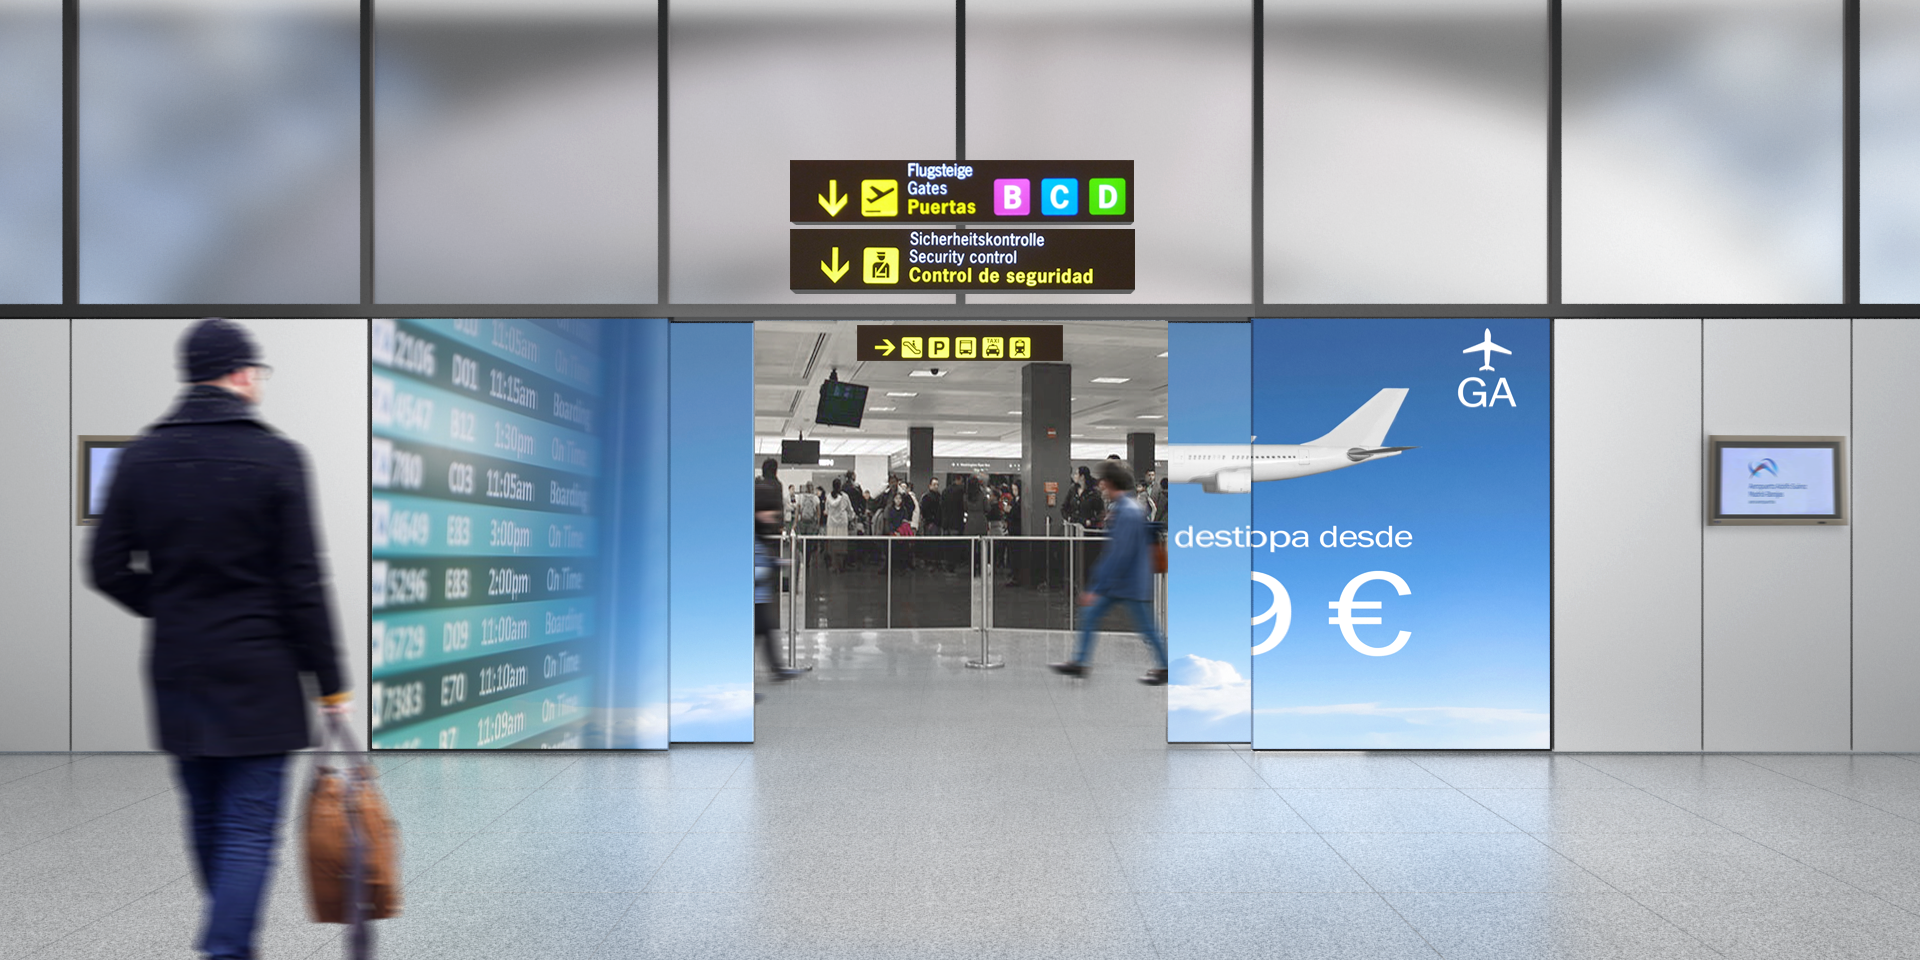 Terminal de embarque o llegadas de un aeropuerto. Pasarán a través de la Fachada Interactiva, miles de personas al día